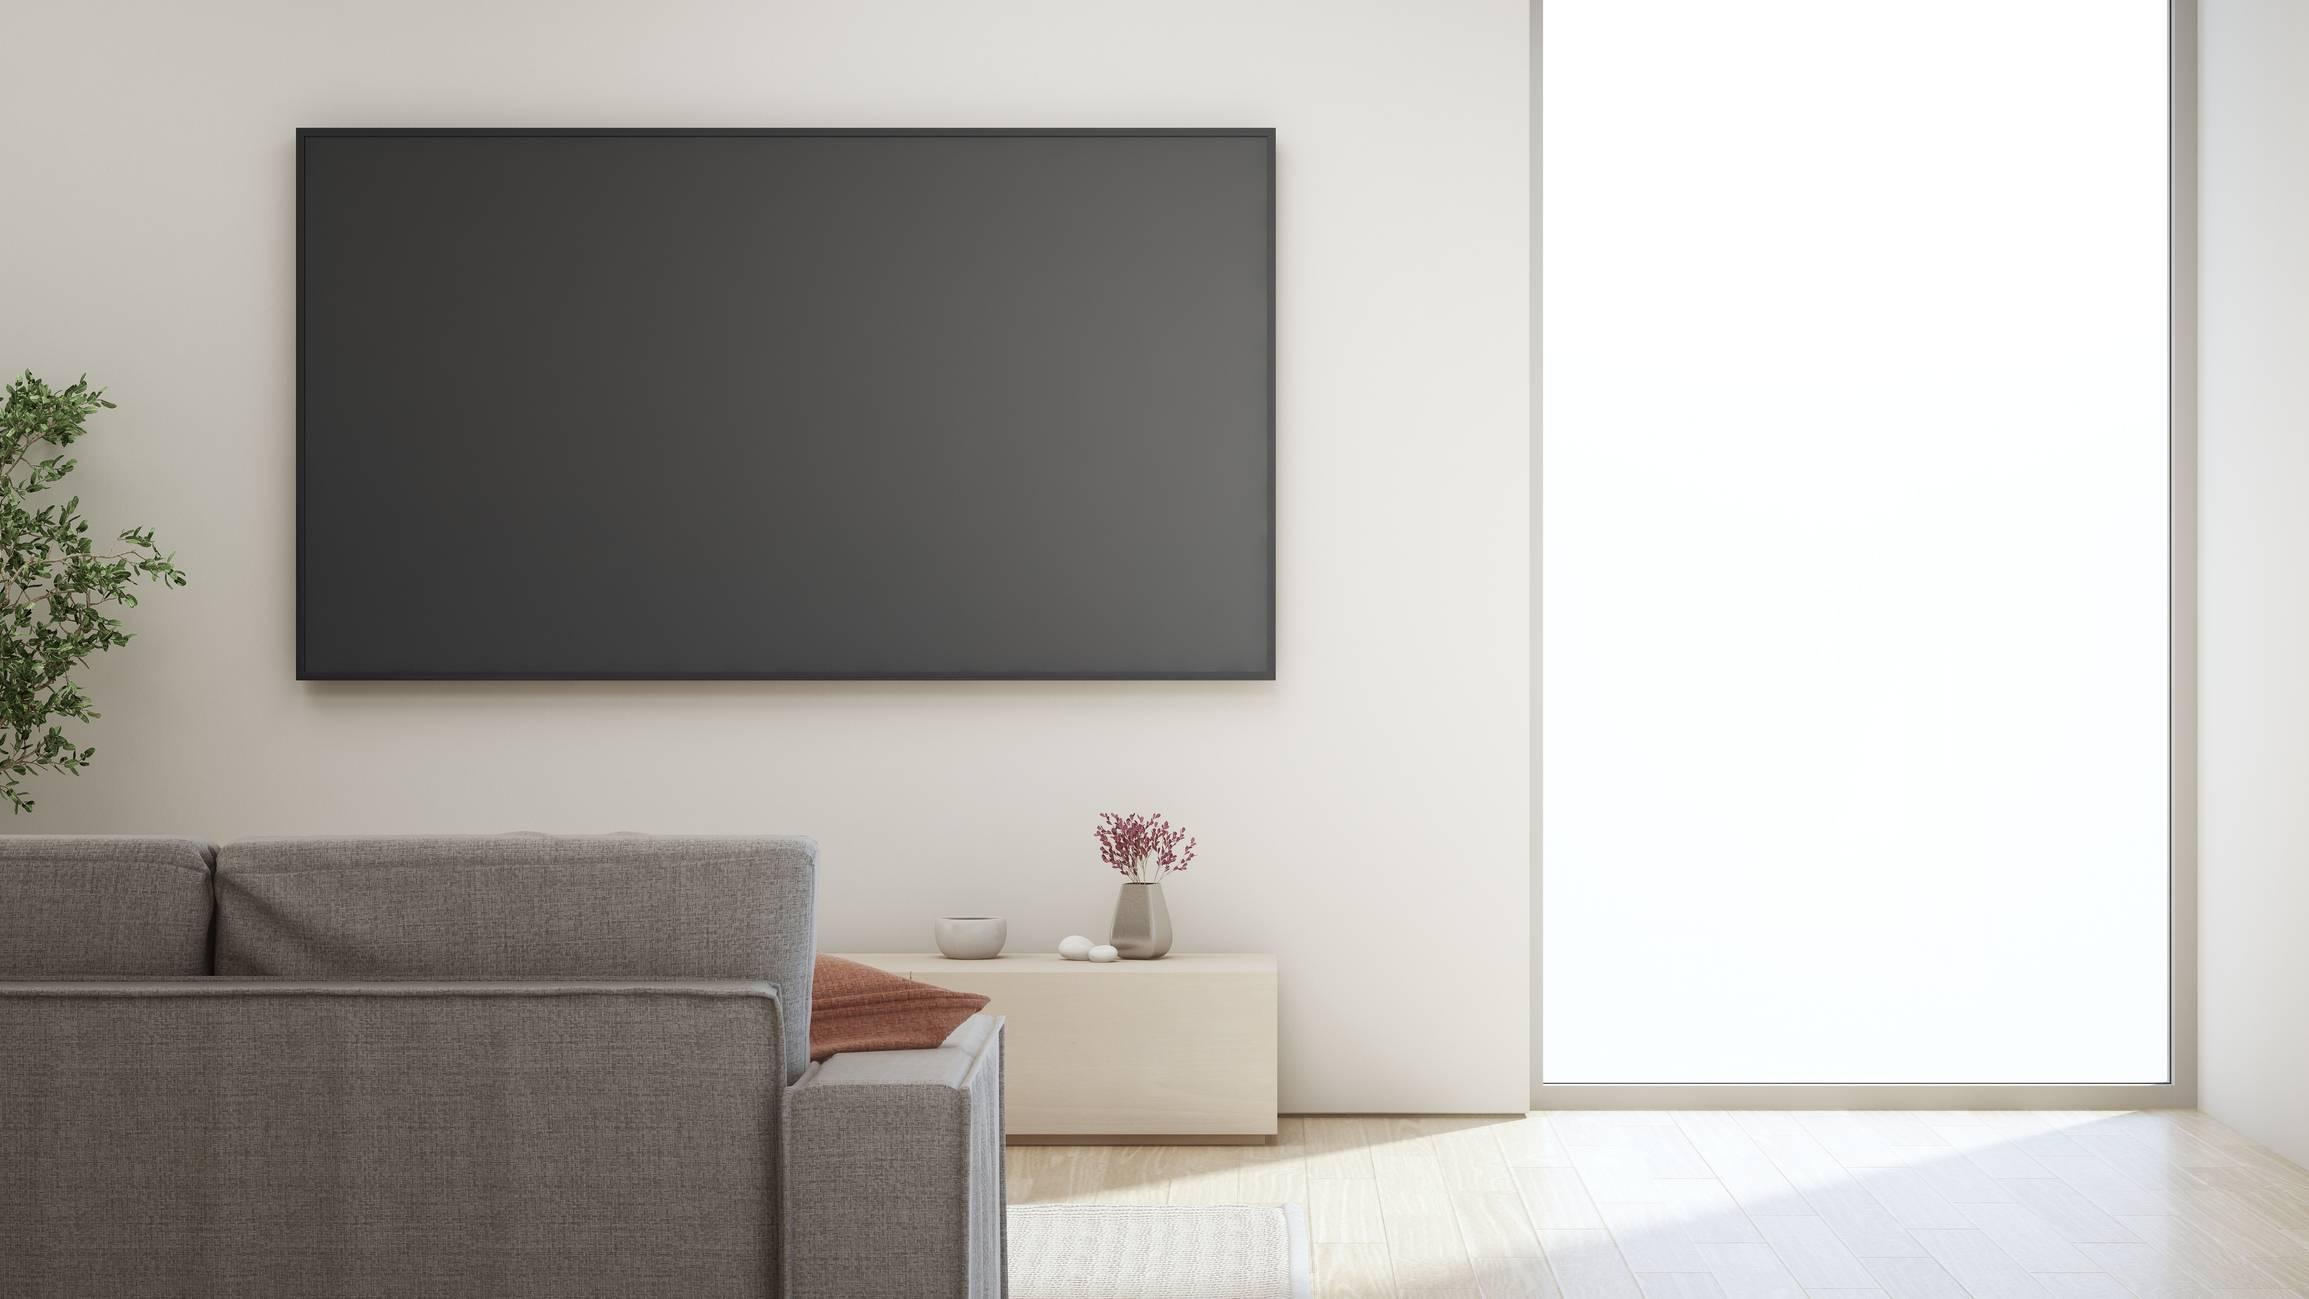 canapé panomarique meuble